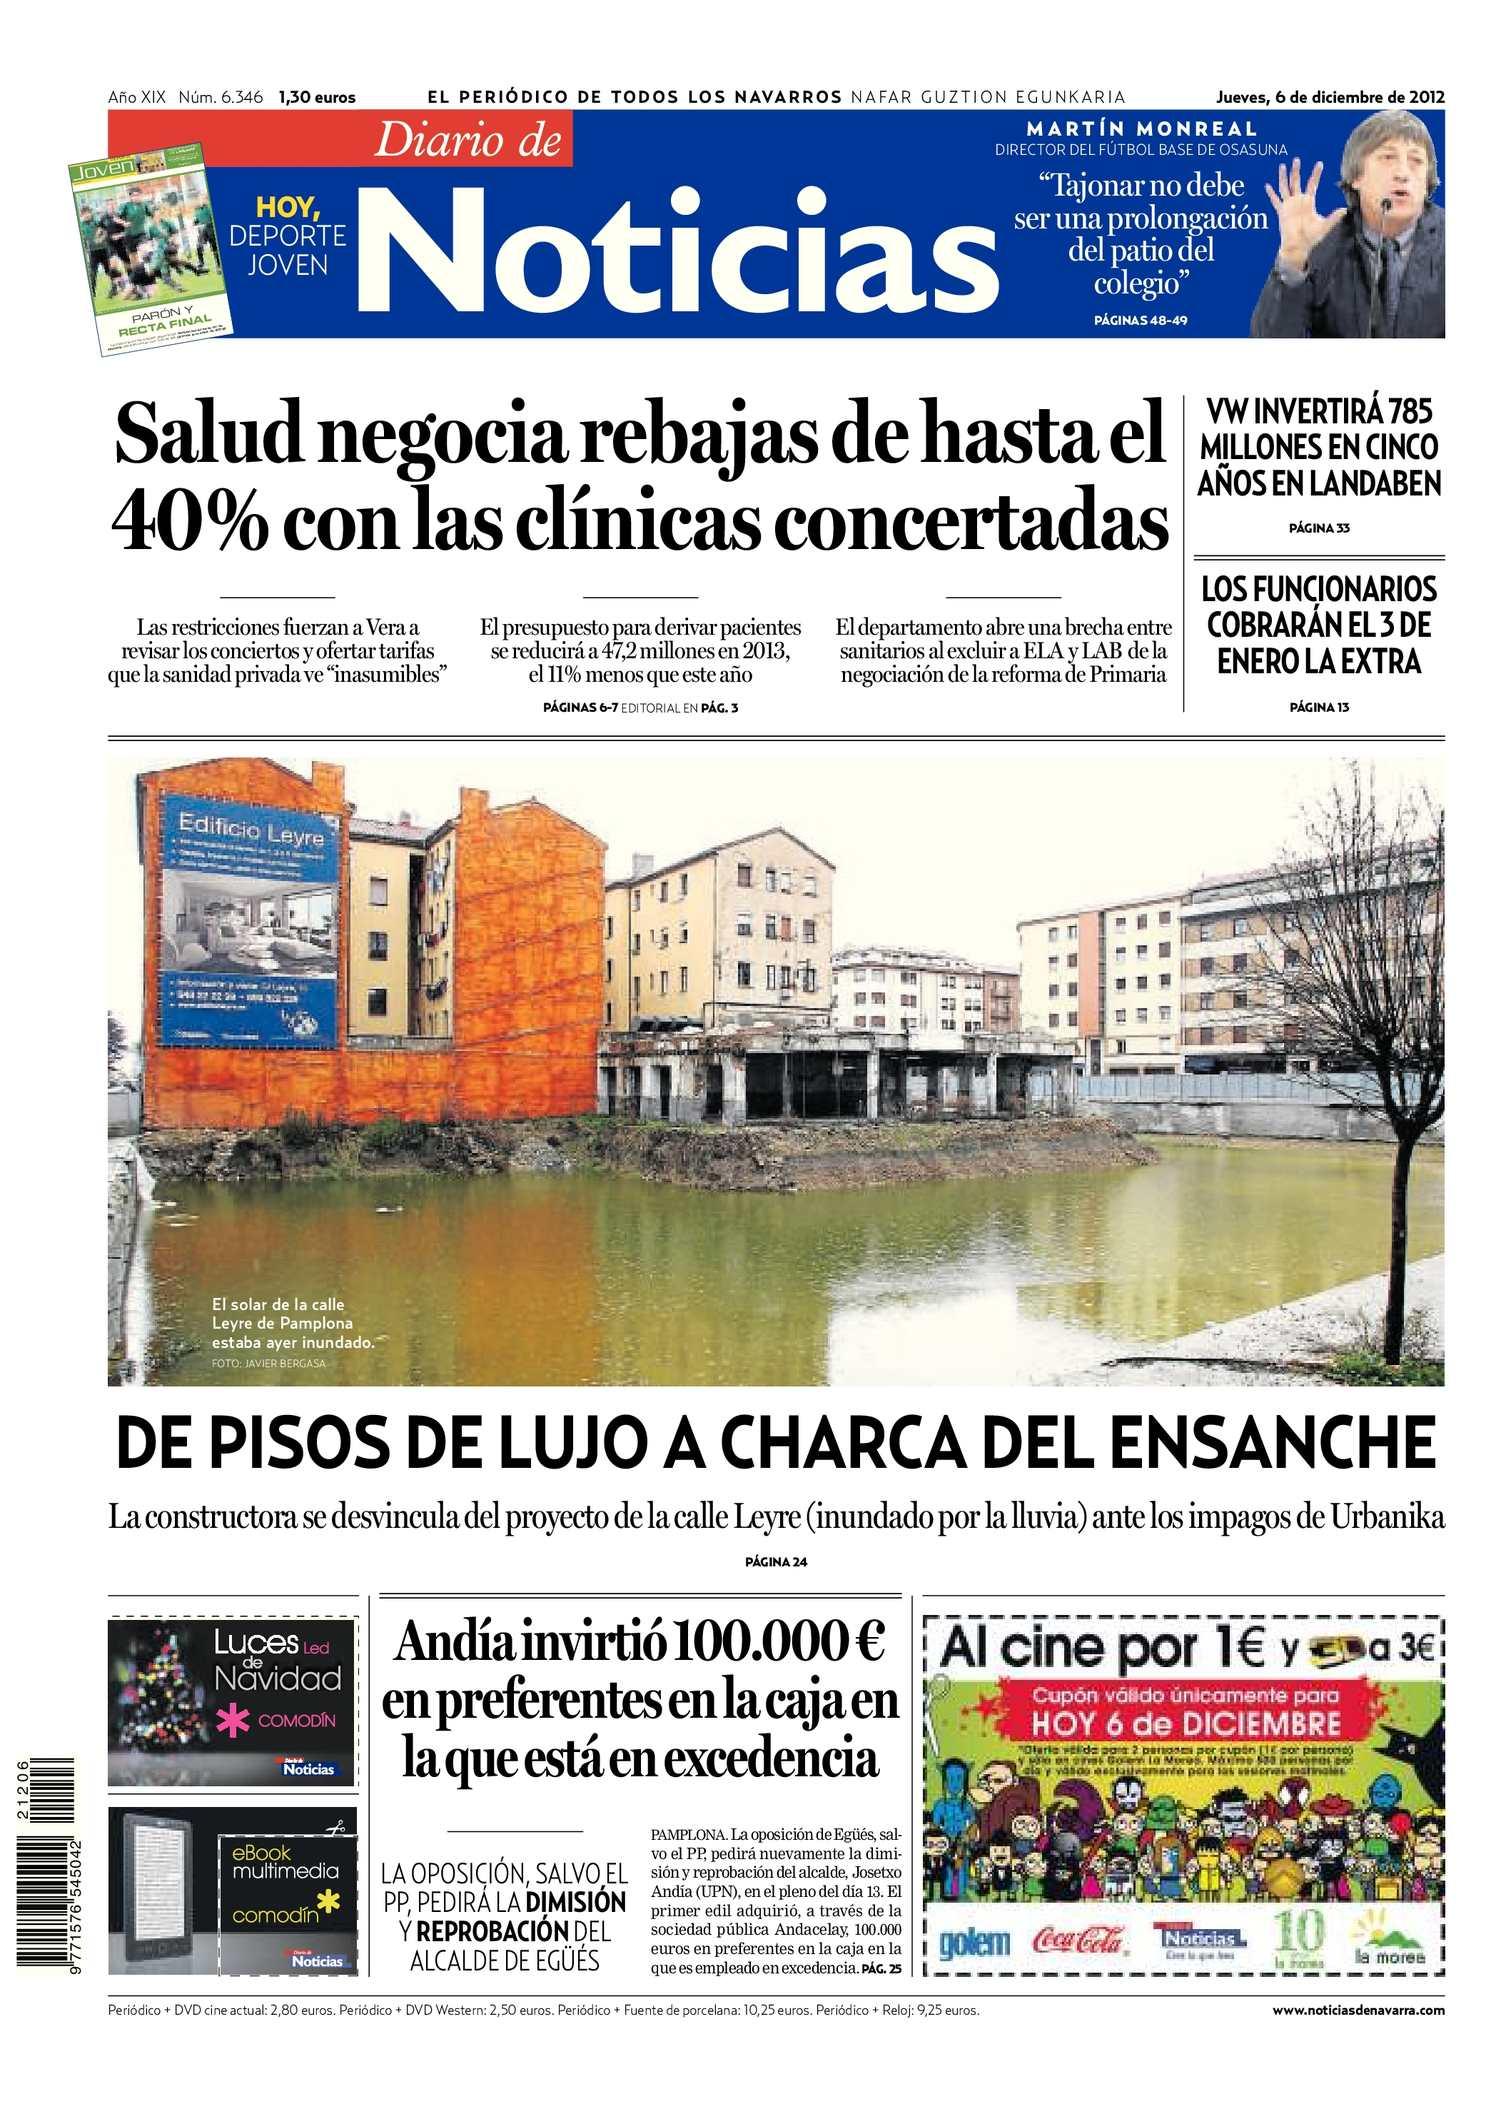 Calaméo - Diario de Noticias 20121206